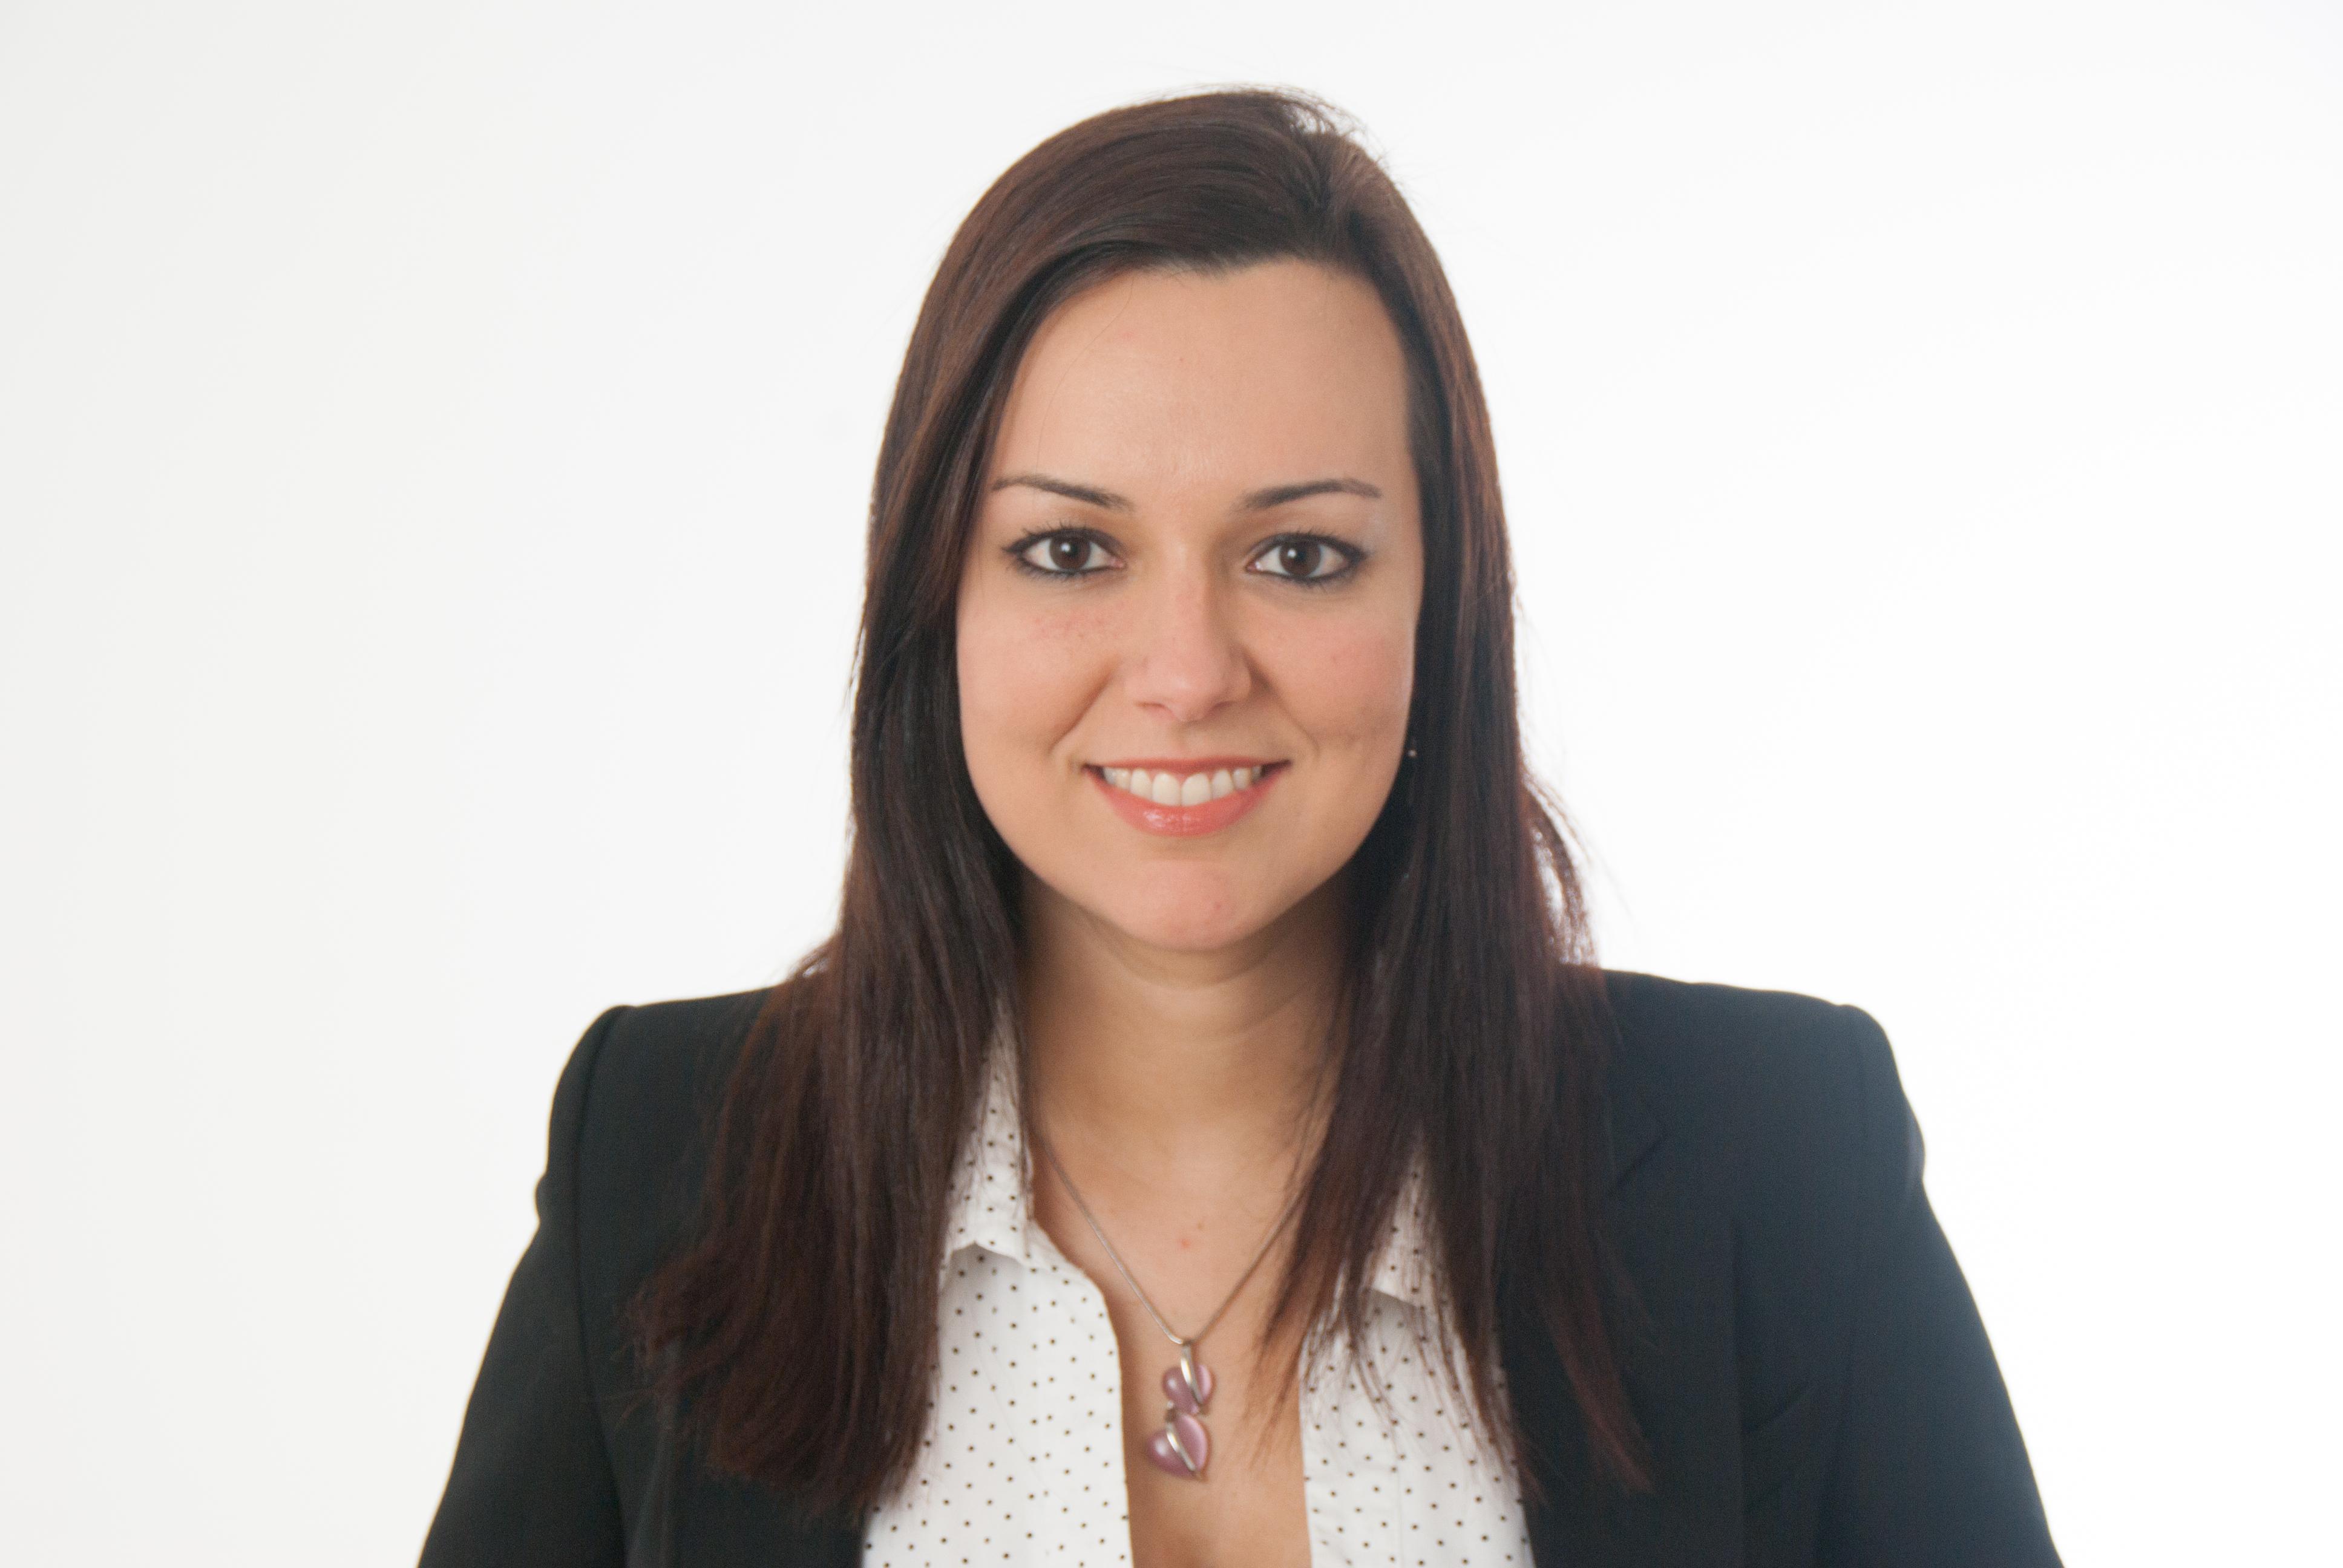 Fernanda carrascosa